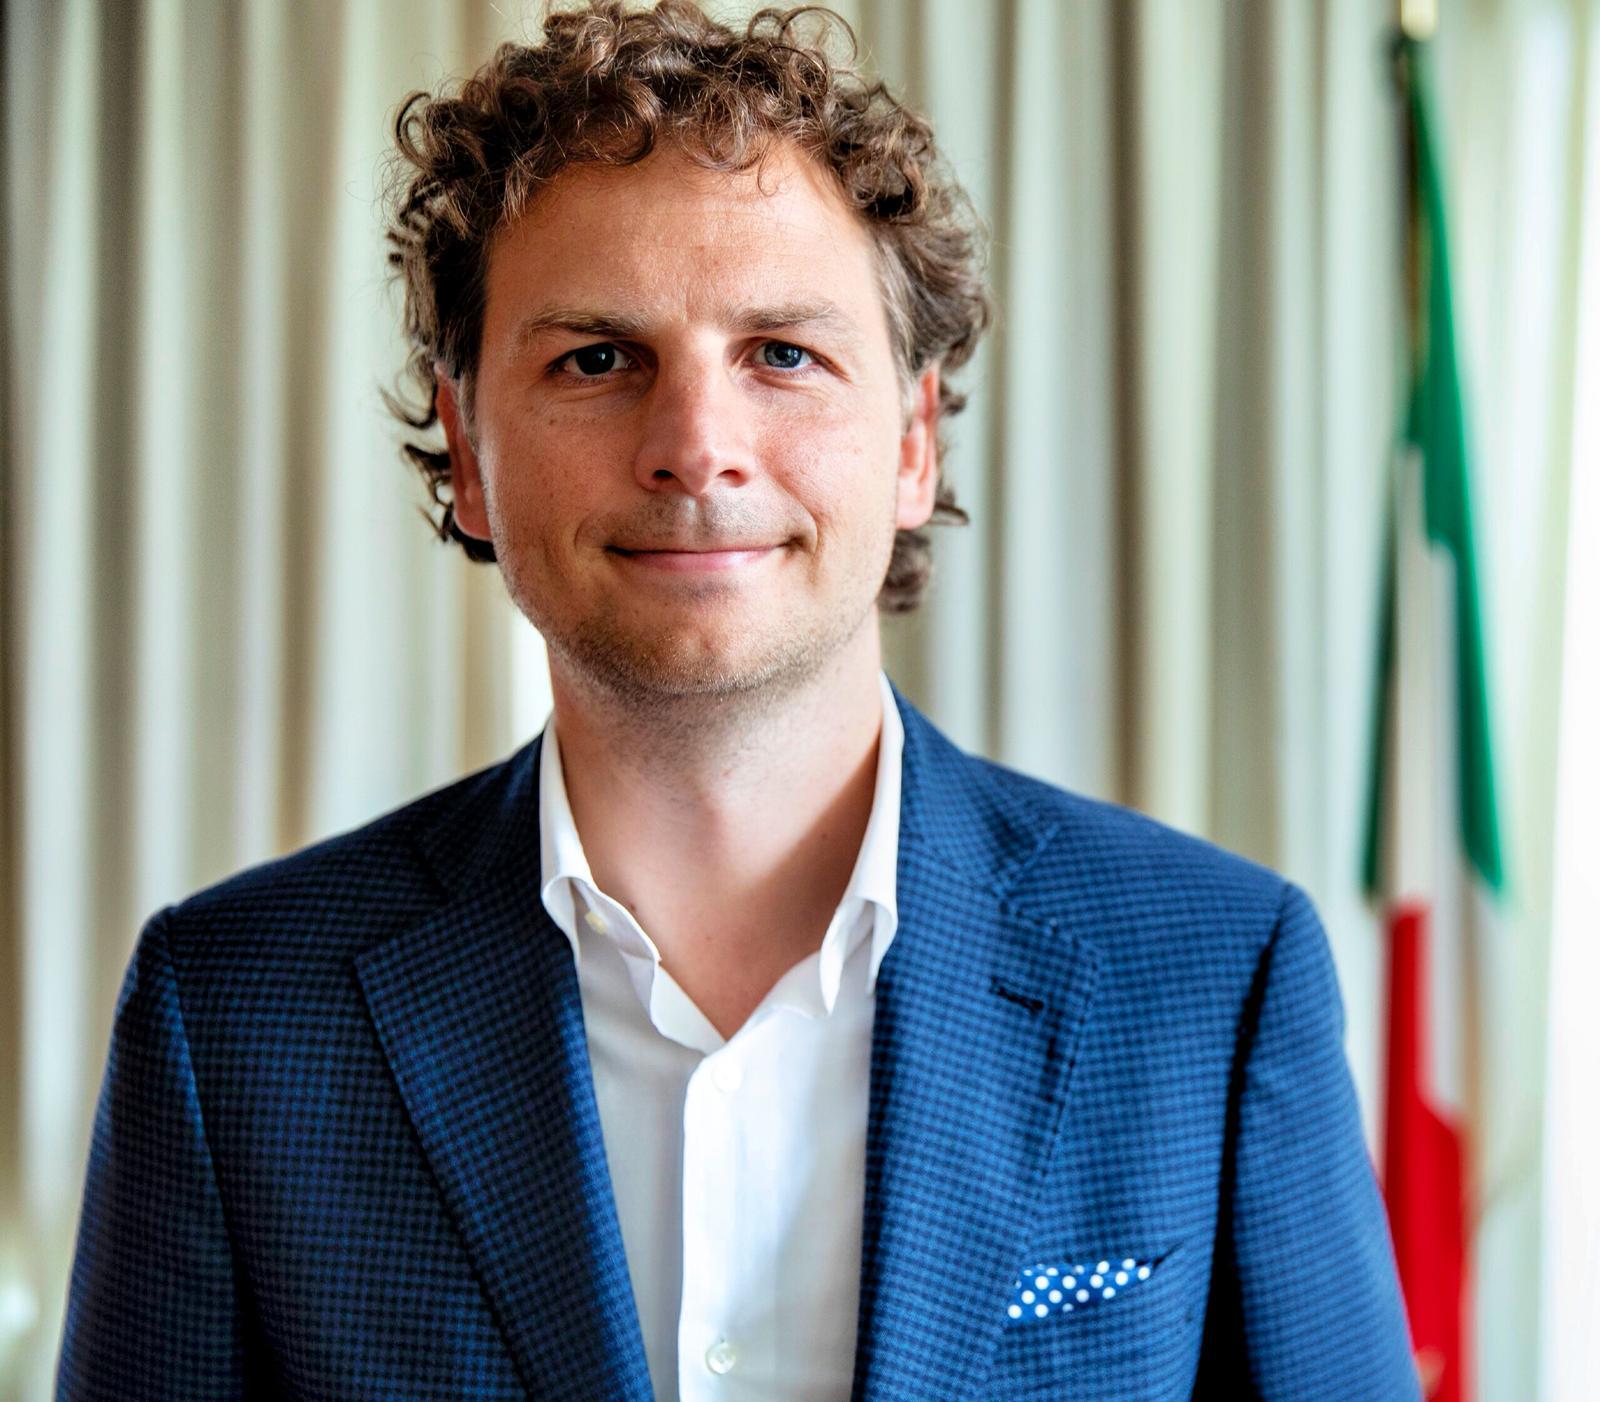 Agricoltura, Zennaro: con anticipazione PAC al 70% liquidità immediata per aziende agricole